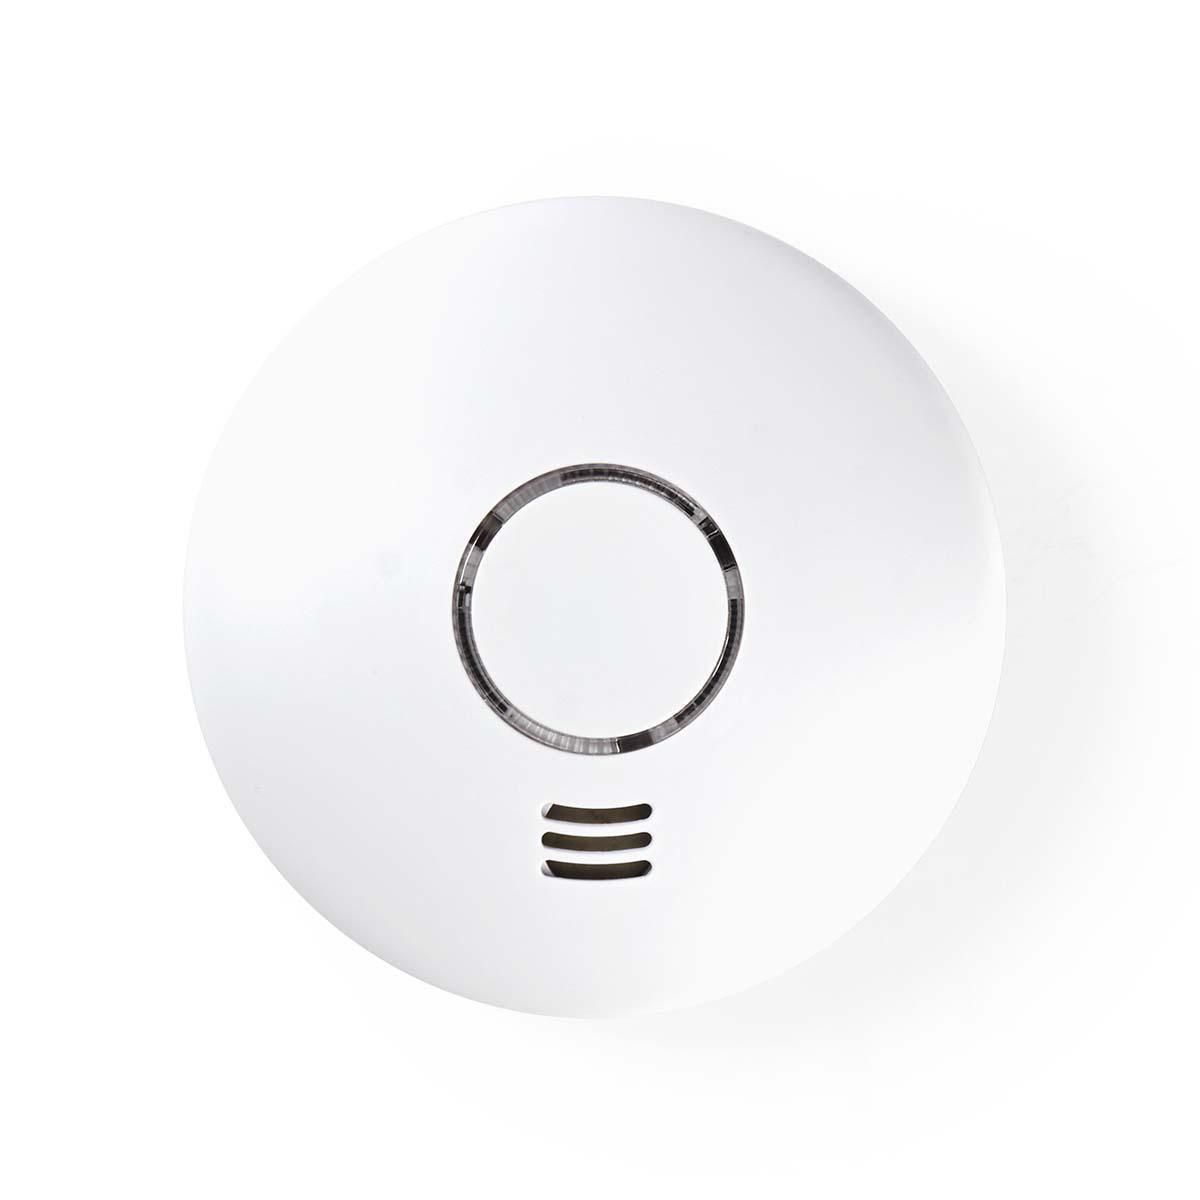 Dieser Wi-Fi-Rauchmelder warnt Sie sowohl vor Rauch als auch vor einem extremen Temperaturanstieg - ein lauter Alarm ertönt für alle, die in der Nähe sind, und Sie erhalten auch eine Benachrichtigung auf Ihrem Telefon, wo immer Sie sich gerade befinden.